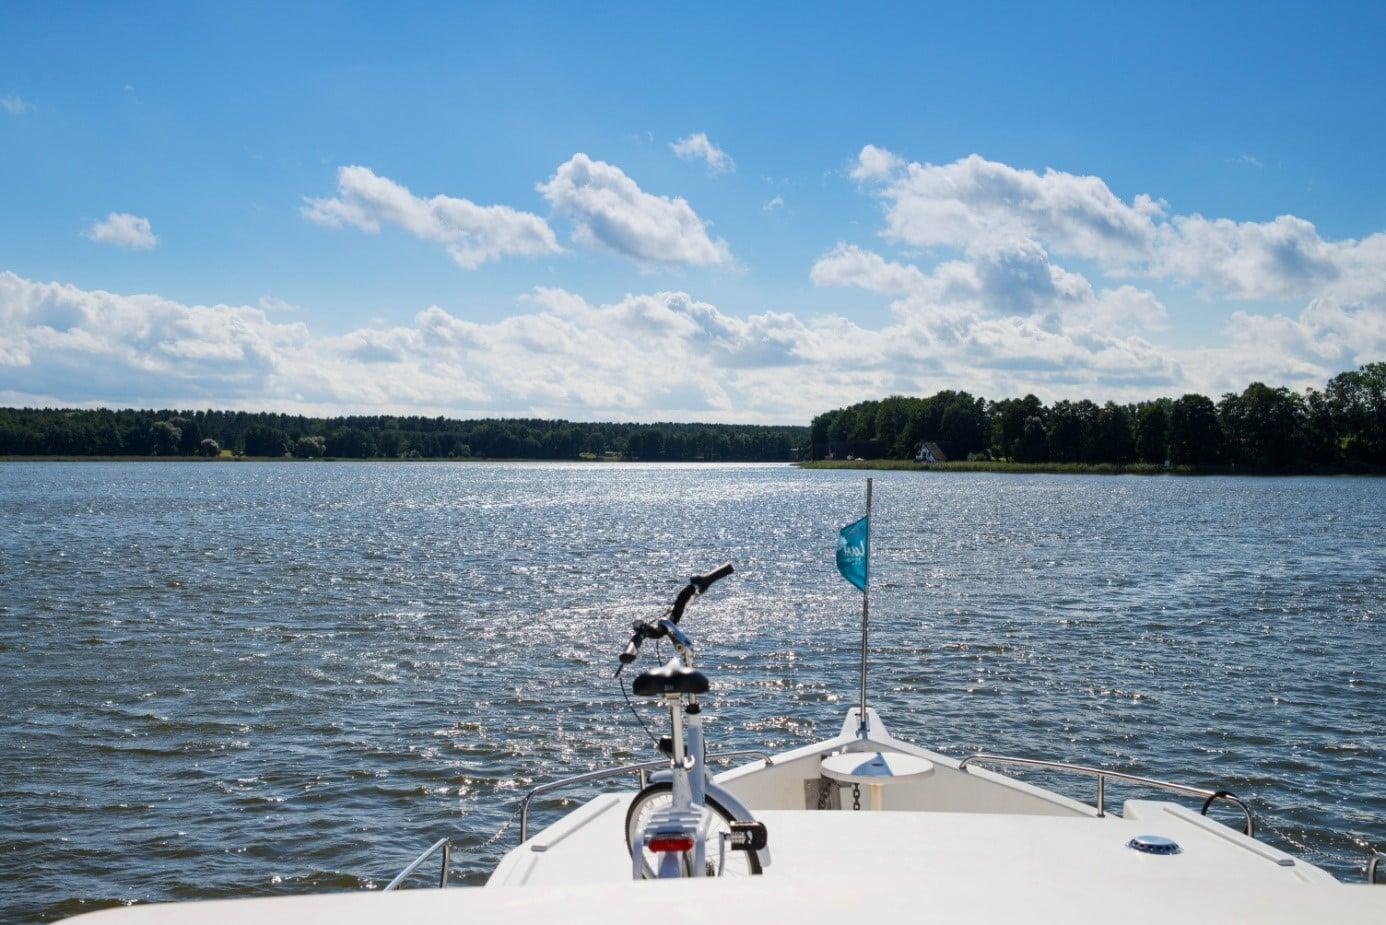 Sommerfrische auf dem Hausboot- die schönsten Fahrtgebiete für die heiße Jahreszeit